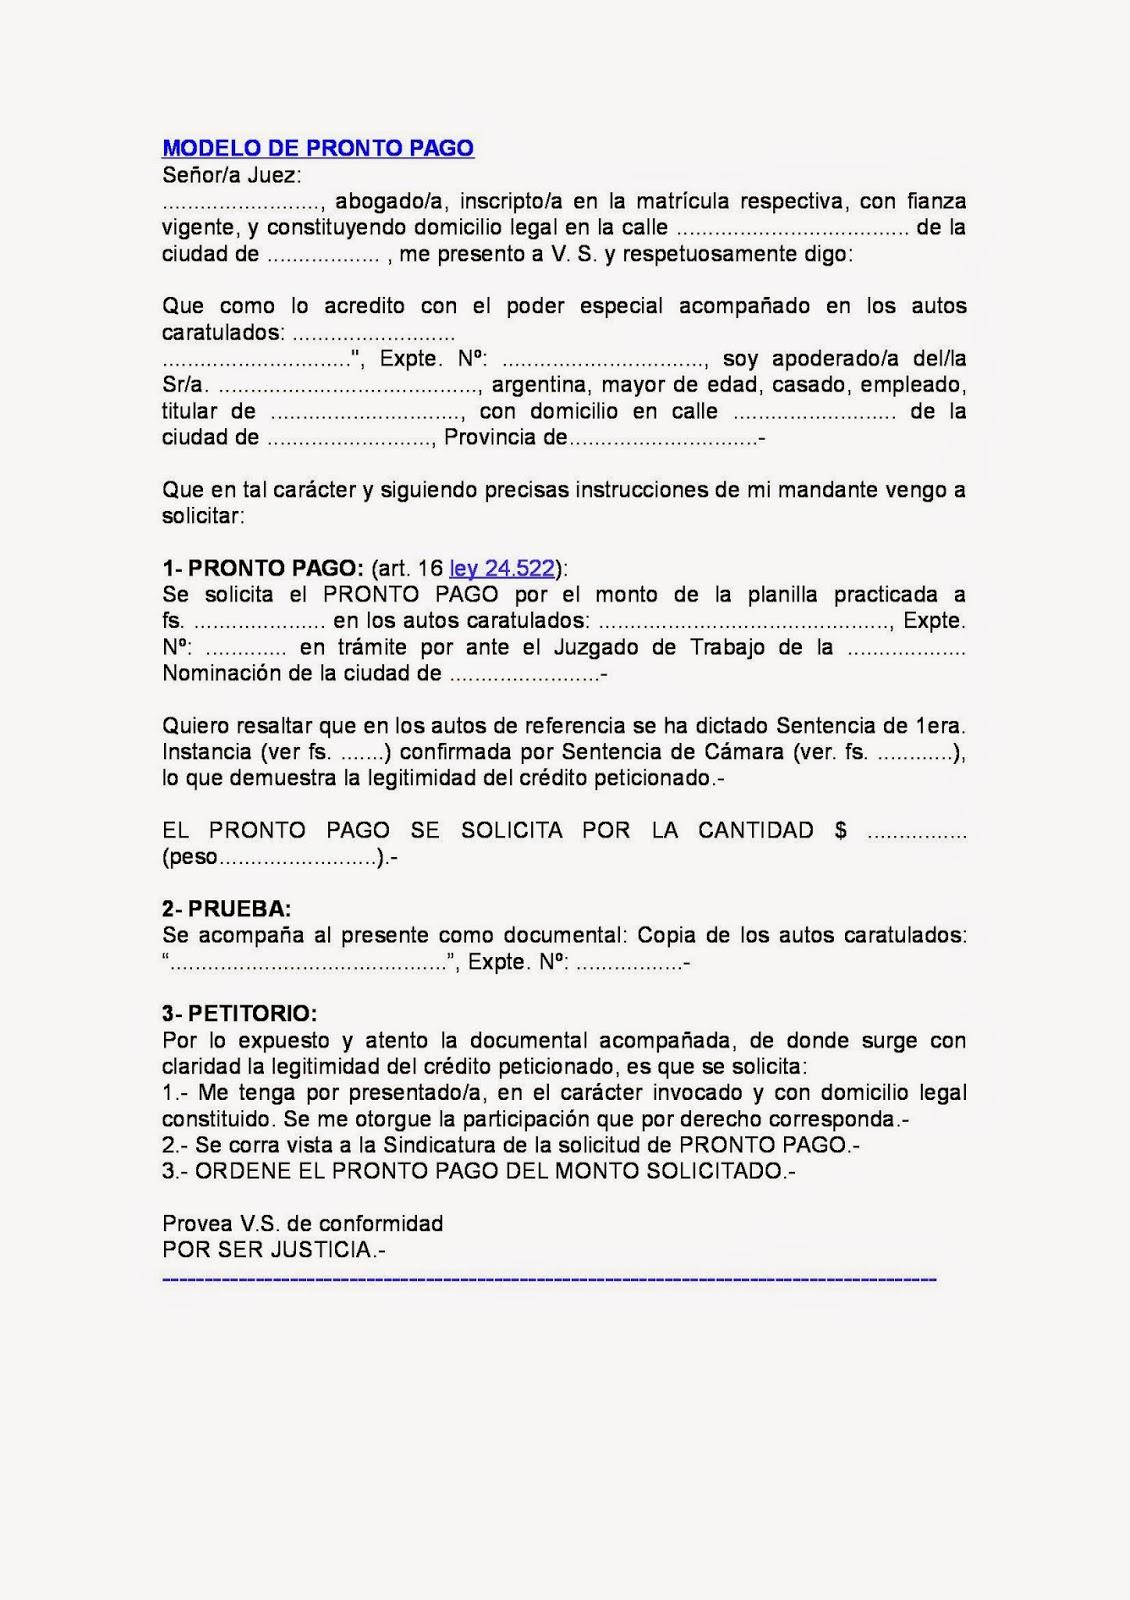 Concursos y quiebras solicitud de pronto pago for Modelo acuerdo extrajudicial clausula suelo